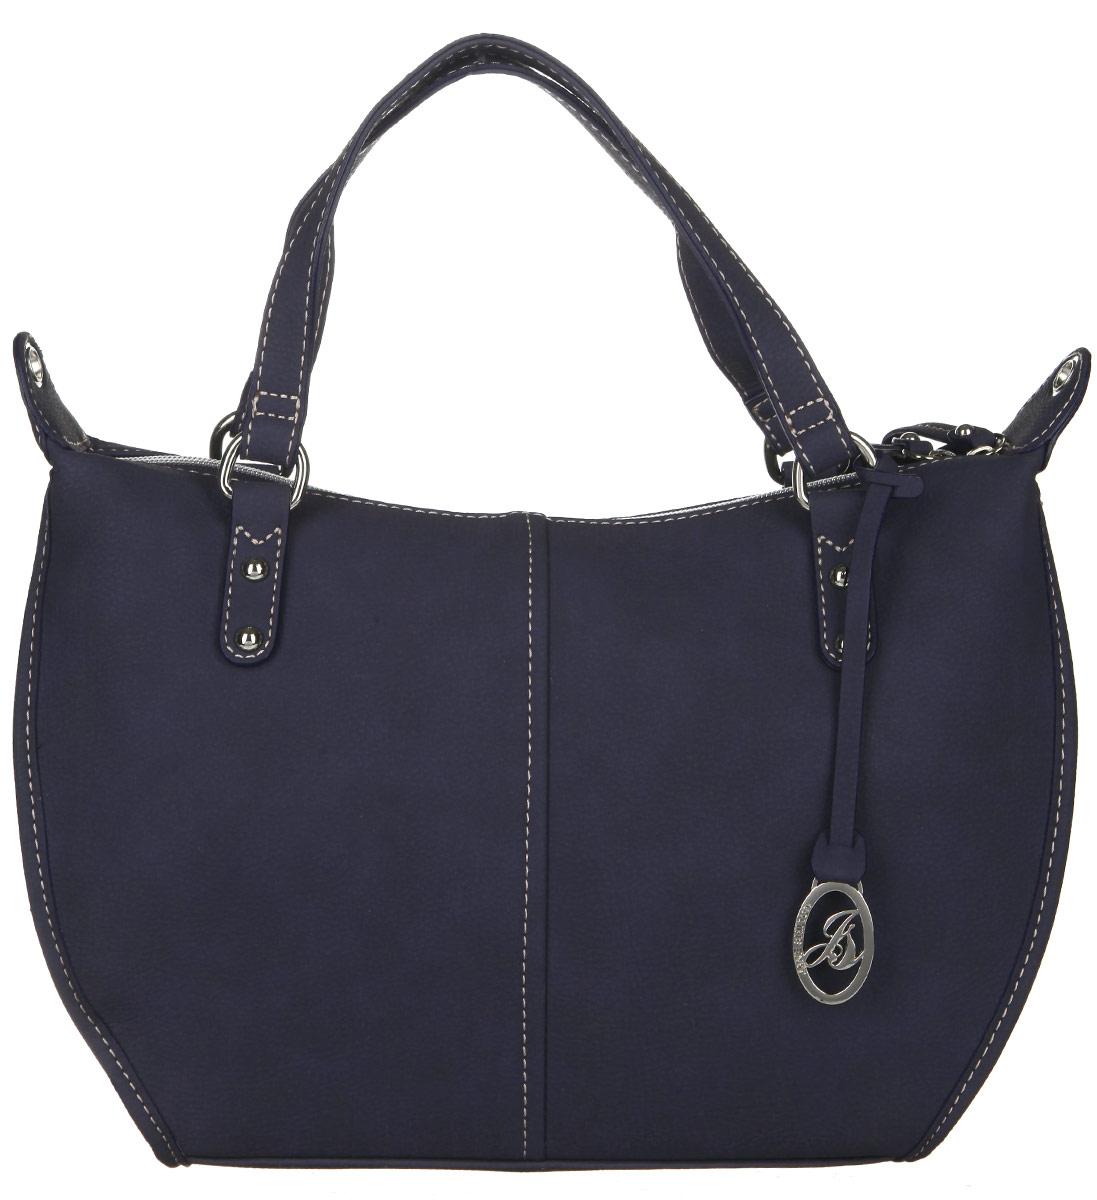 Сумка женская Jane Shilton, цвет: серо-синий. 20932093blueСтильная женская сумка Jane Shilton выполнена из искусственной кожи и дополнена фирменным брелоком. Изделие имеет одно основное отделение, разделенное пополам карманом-средником на застежке-молнии. Закрывается изделие на застежку-молнию. Внутри находятся прорезной карман на застежке-молнии и накладной открытый карман. Снаружи, на задней стенке расположен прорезной карман на застежке-молнии. Модель оснащена двумя удобными ручками. В комплект входит съемный плечевой ремень. Роскошная сумка внесет элегантные нотки в ваш образ и подчеркнет ваше отменное чувство стиля.